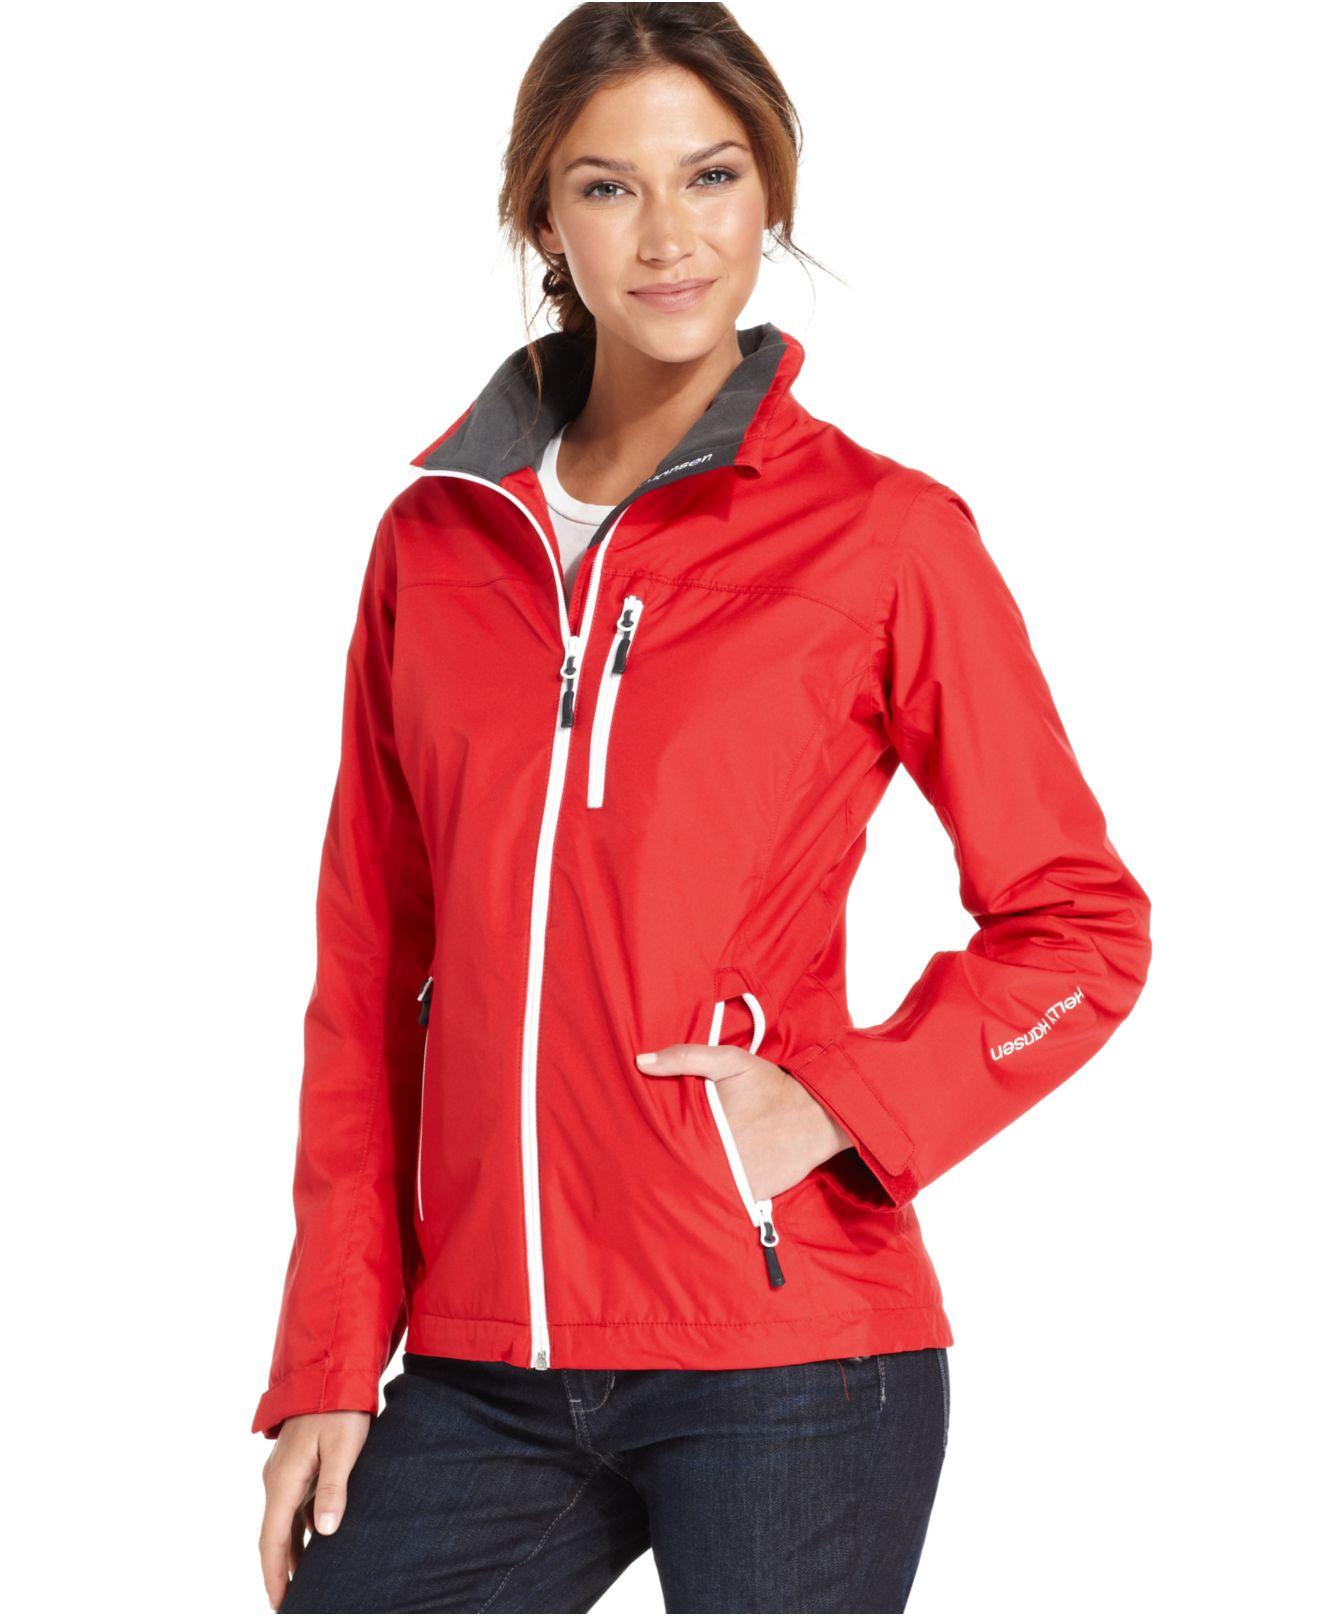 Helly Hansen Crew Midlayer Jacket In Red Lyst